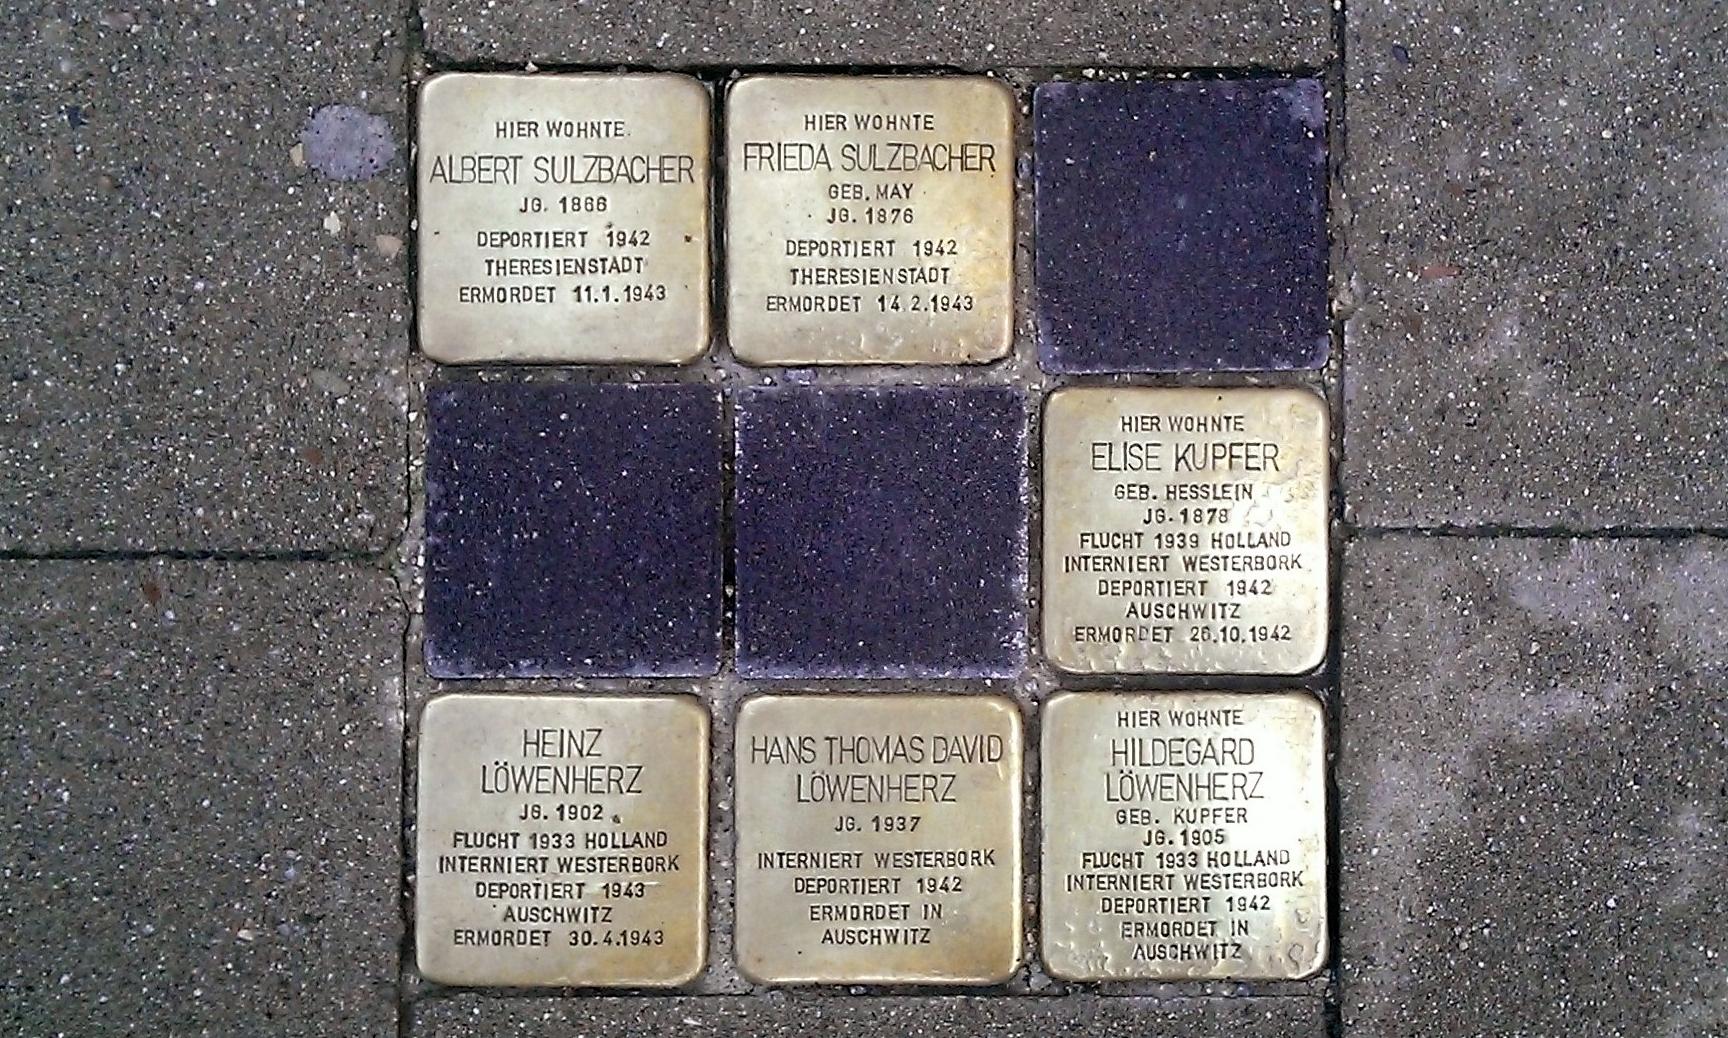 Stolpersteine Bamberg.jpg